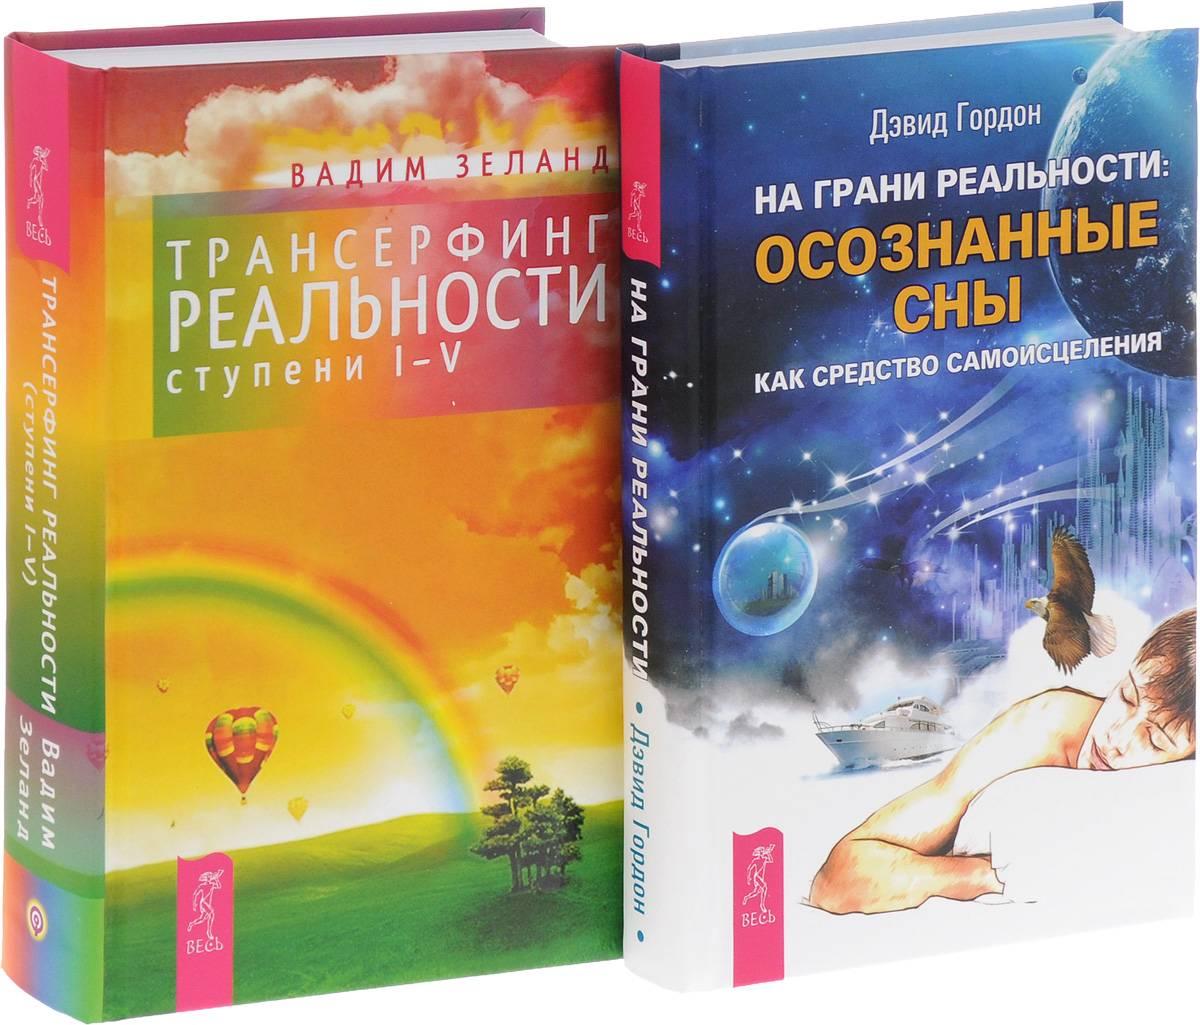 Осознанные сновидения — книги ведущих авторов